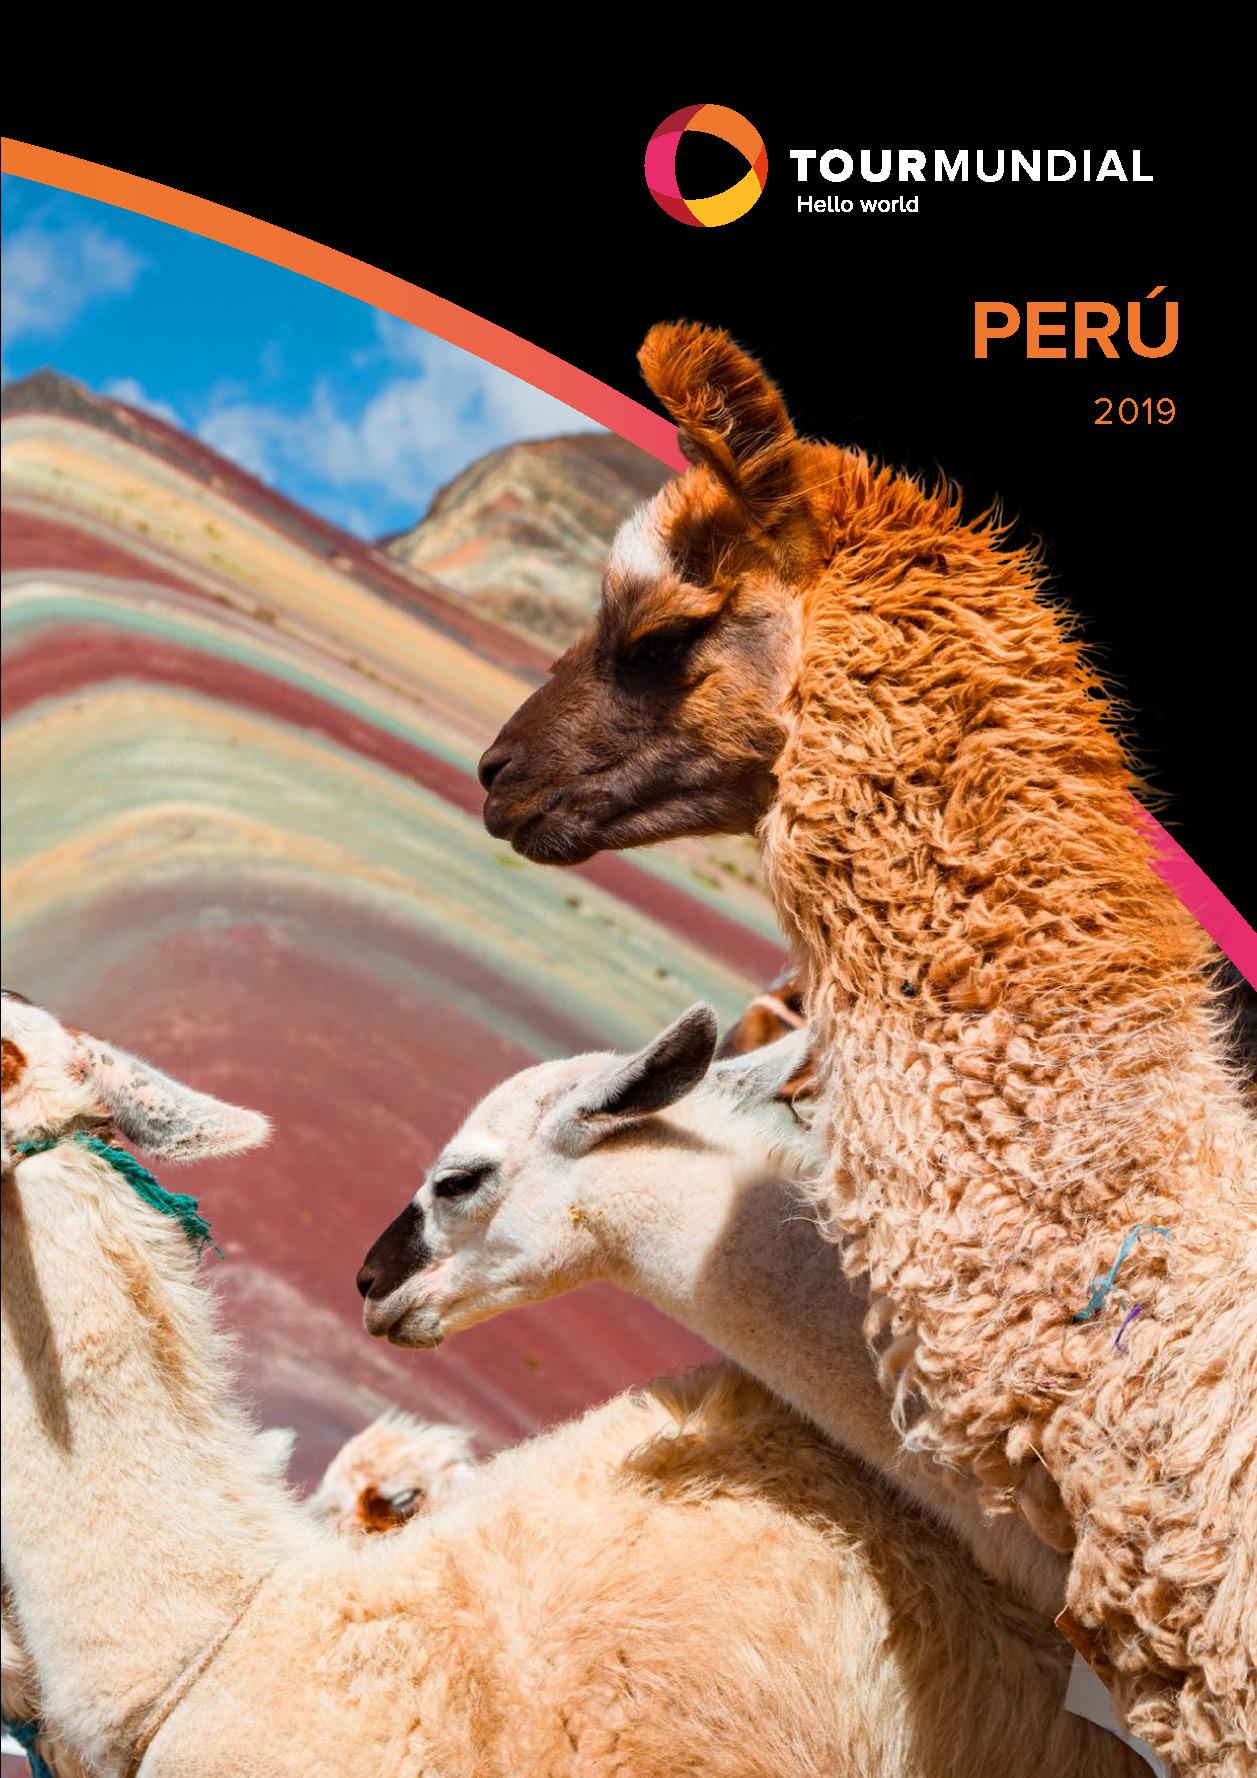 Catalogo Tourmundial Peru 2019